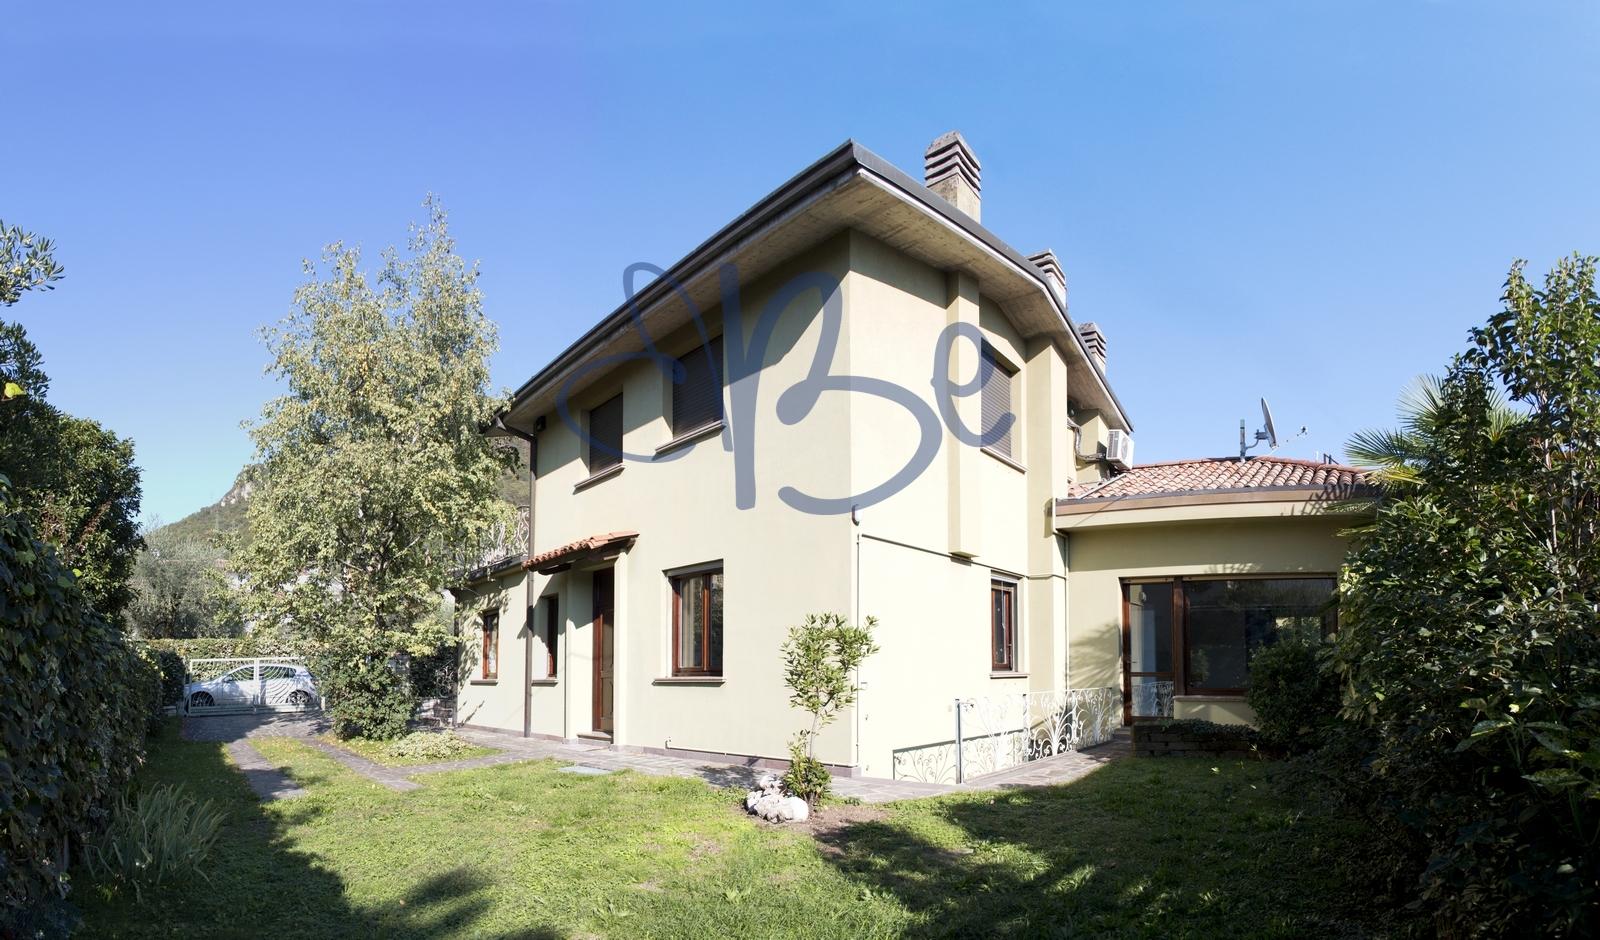 Villa in vendita a Salò, 6 locali, prezzo € 560.000 | Cambio Casa.it